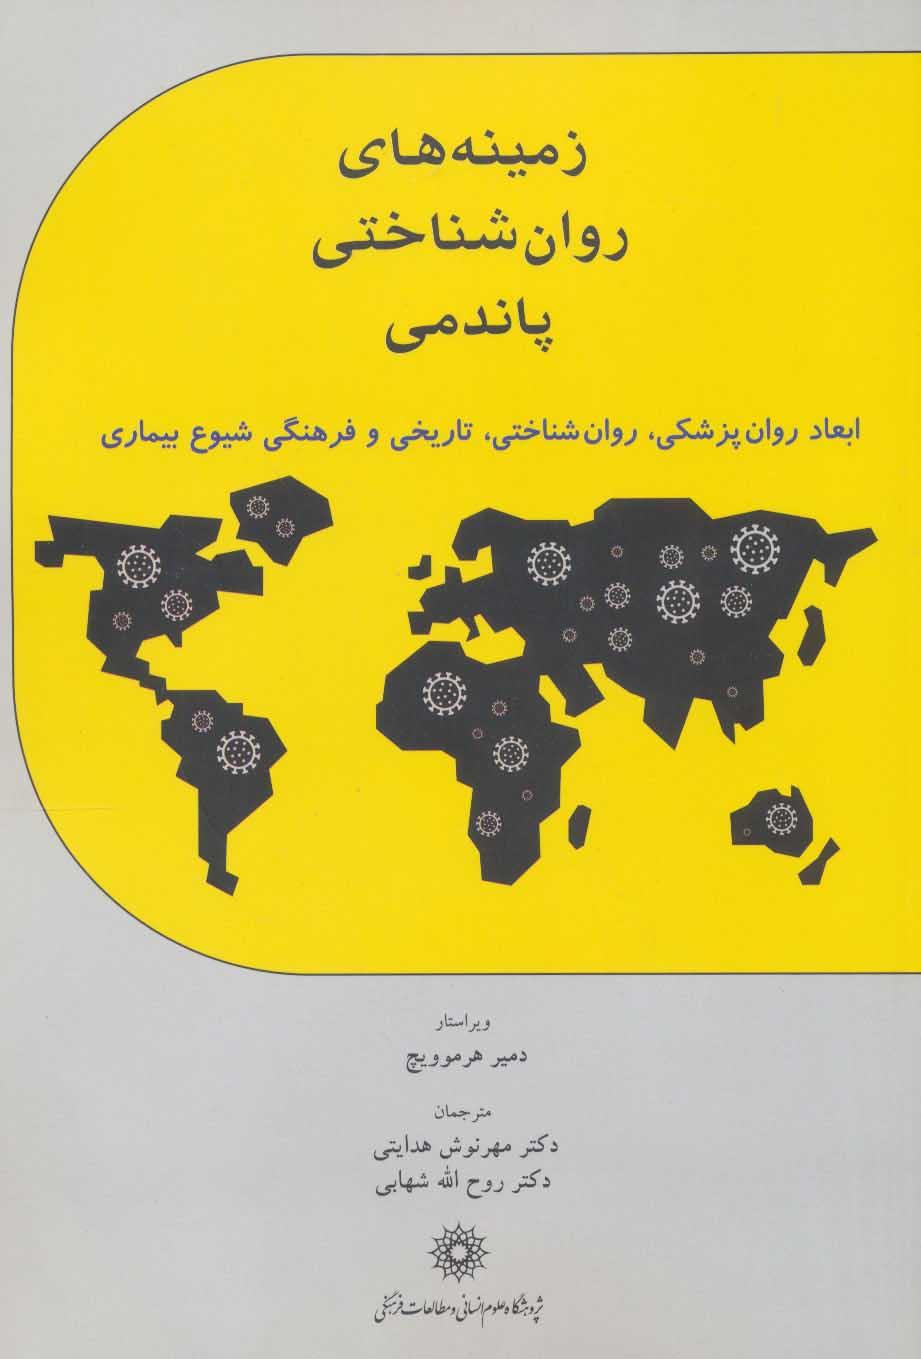 کتاب زمینههای روانشناختی پاندمی: ابعاد روانپزشکی، روانشناختی و تاریخی فرهنگی شیوع بیماریهای همهگیر